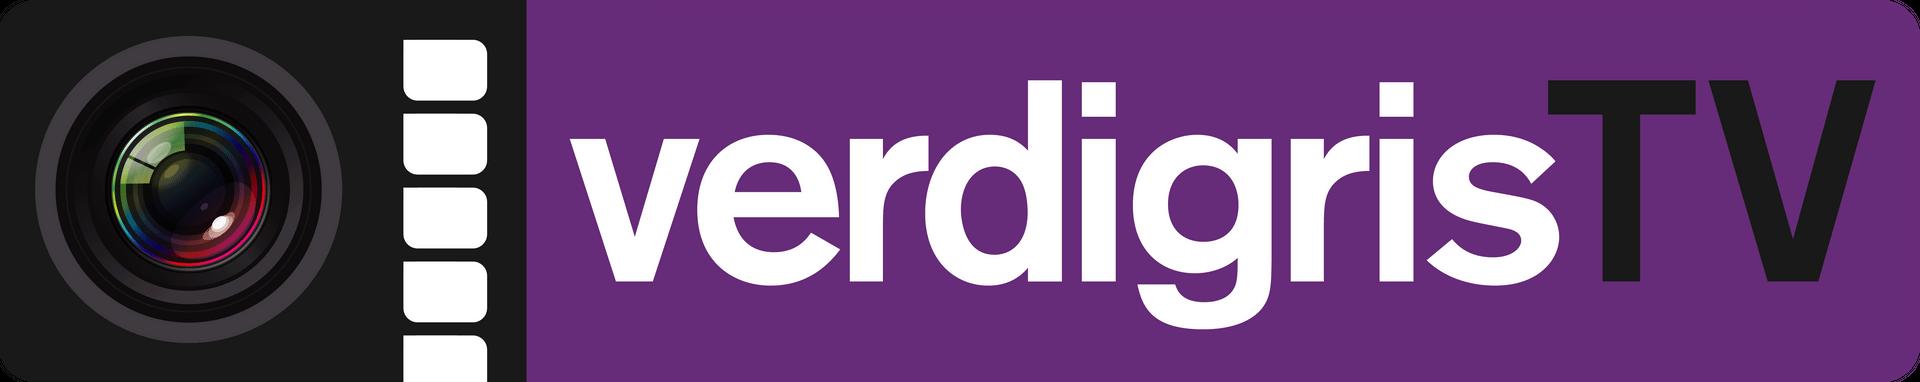 logo-verdigris-02-1